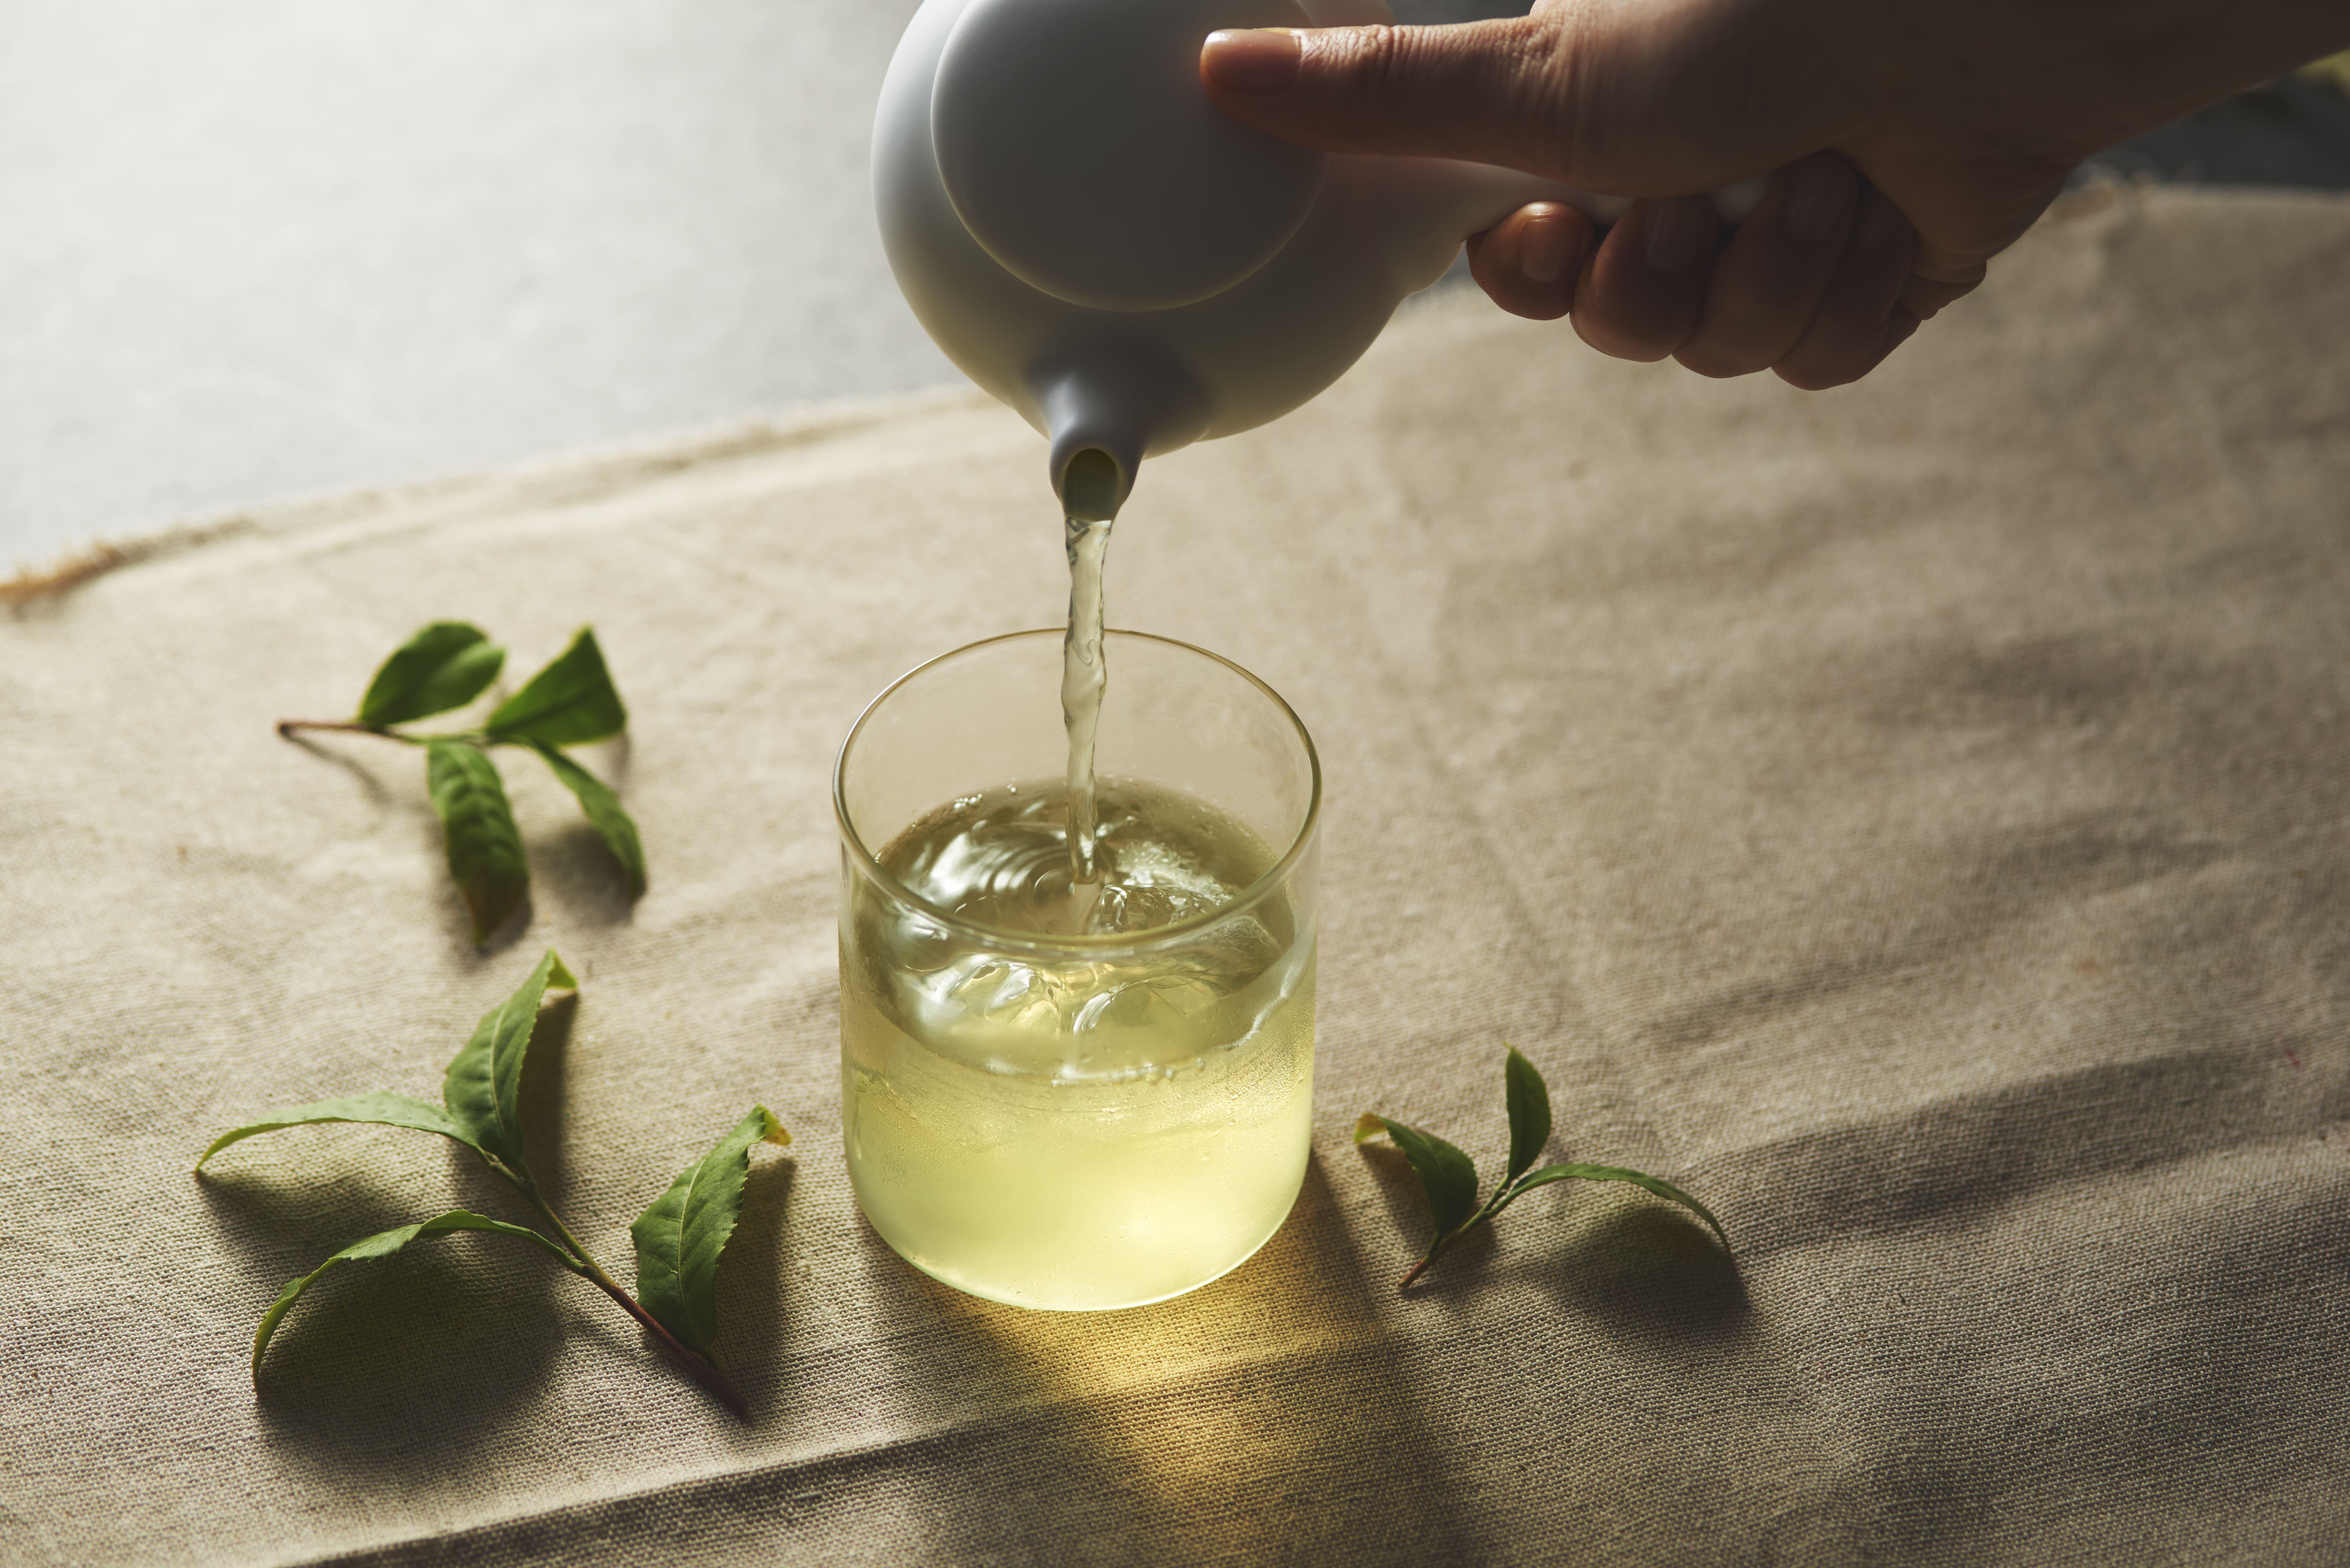 リッチな休憩♪|白毫銀針|白茶|茶葉販売|優しく繊細な味わい|